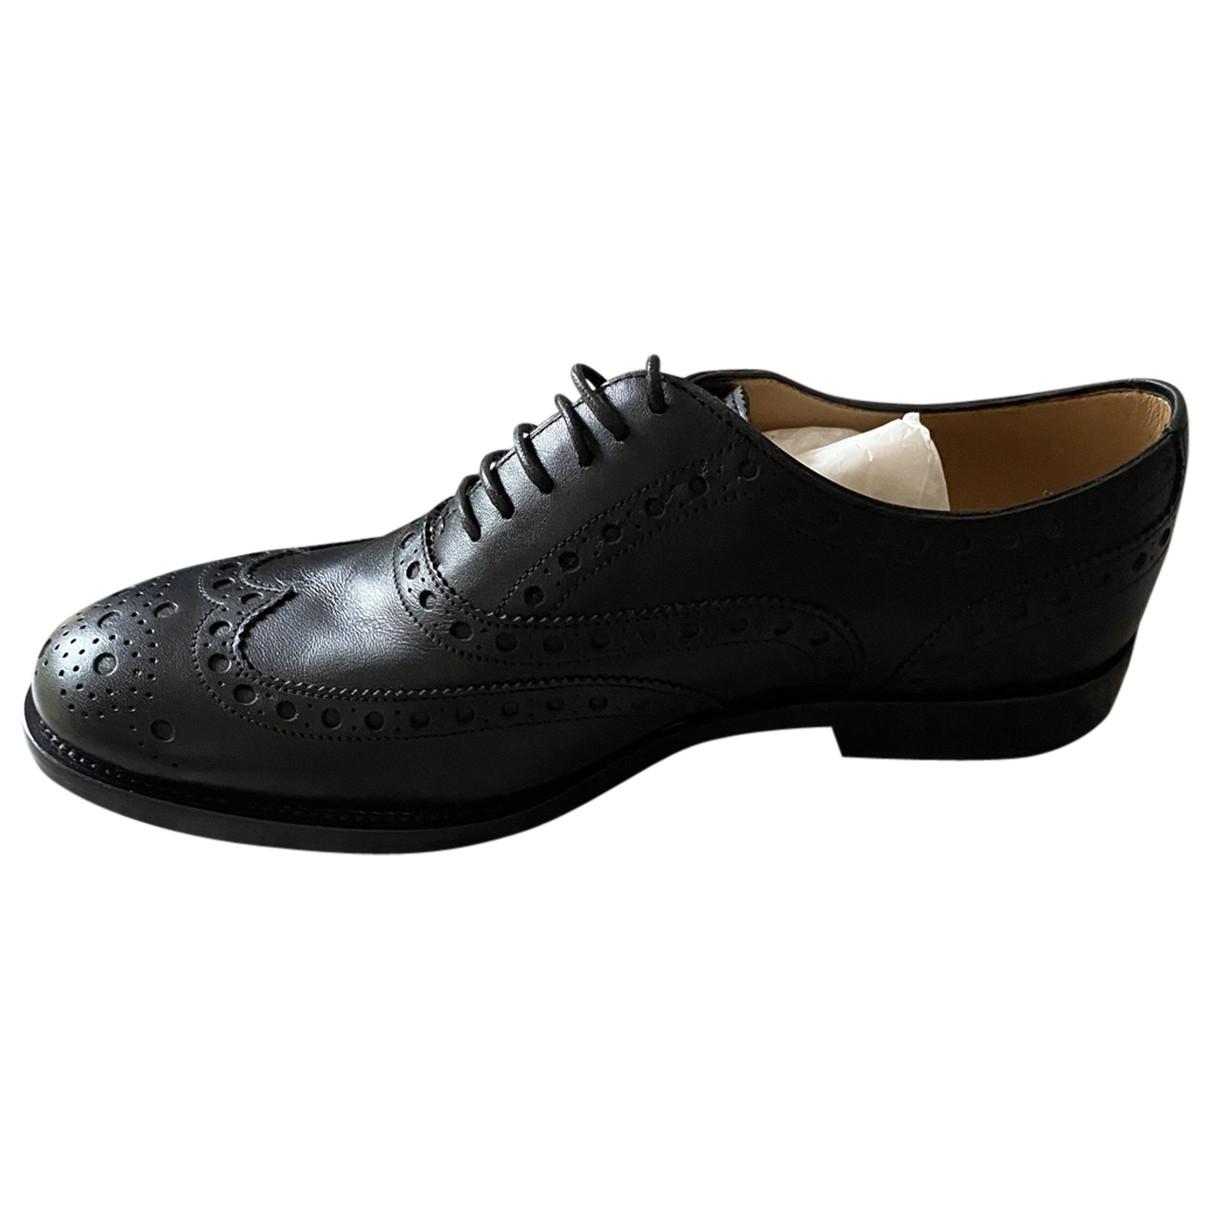 Bally - Derbies   pour femme en cuir - noir